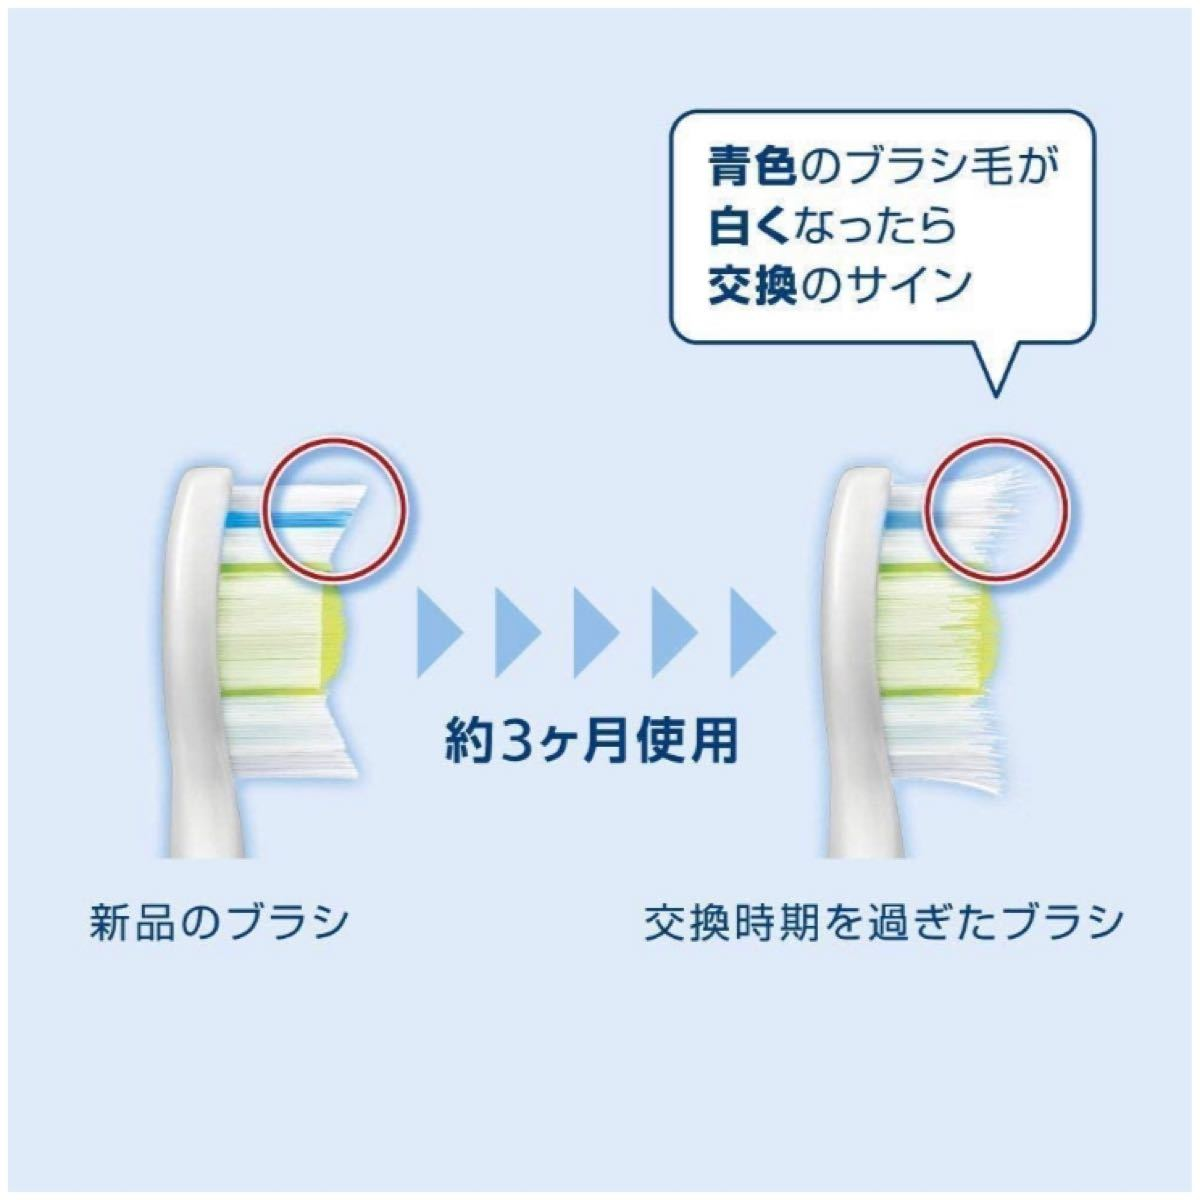 国内正規品 ソニッケアー ホワイトプラス(旧ダイヤモンドクリーン)コンパクト2本